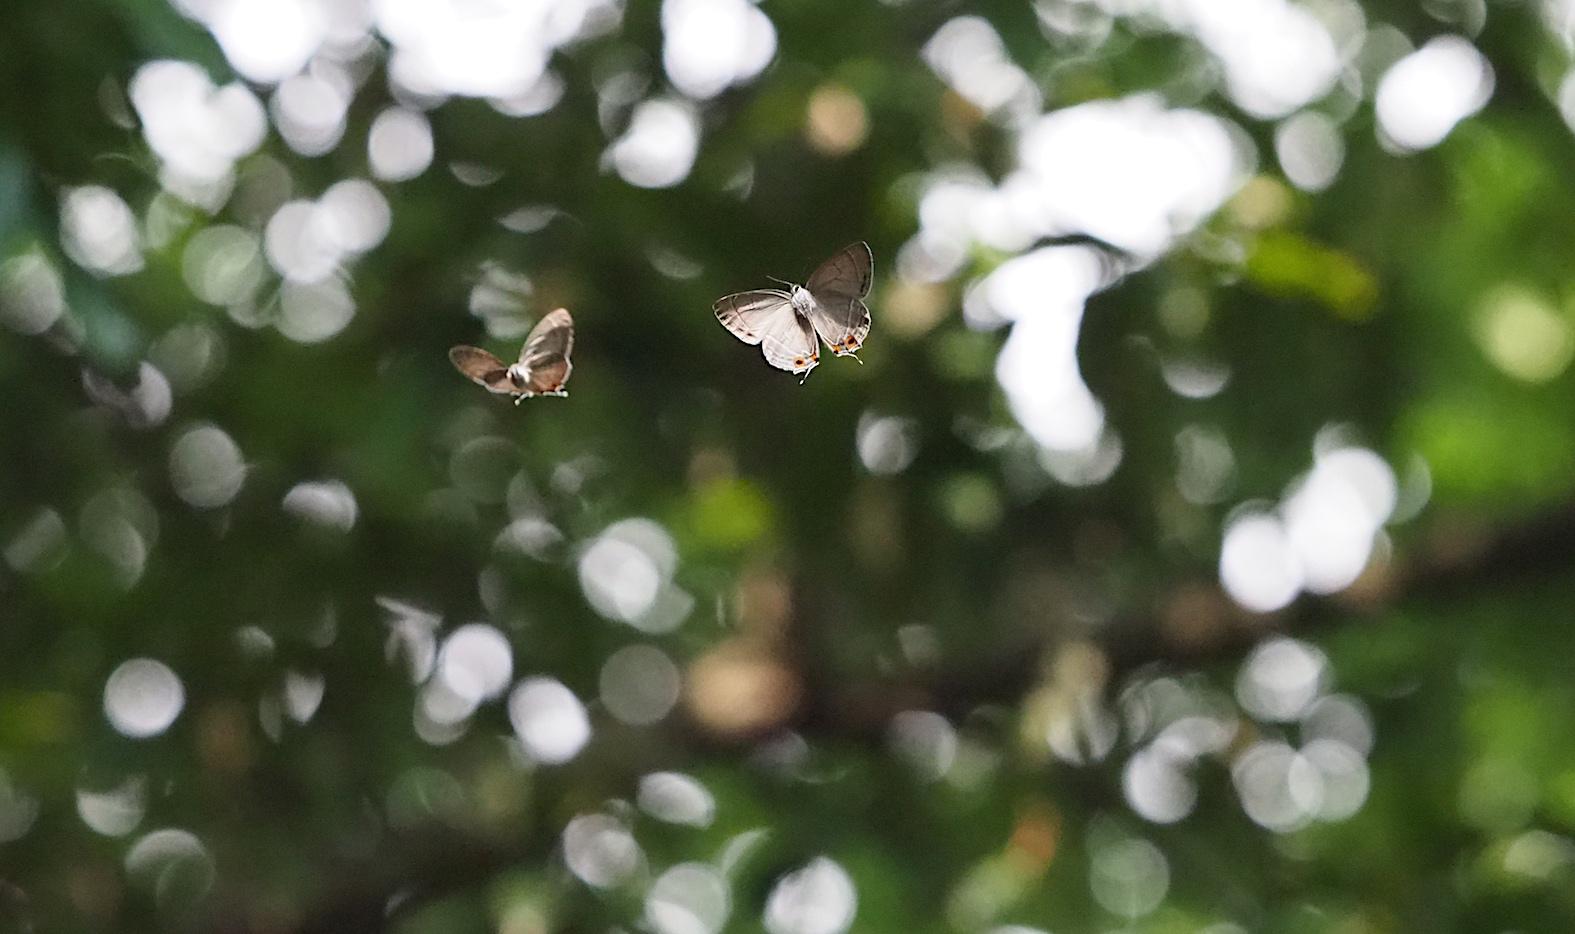 オオミドリシジミ三昧の日・その3 卍巴飛翔編(2018年6月7日)_d0303129_4282391.jpg